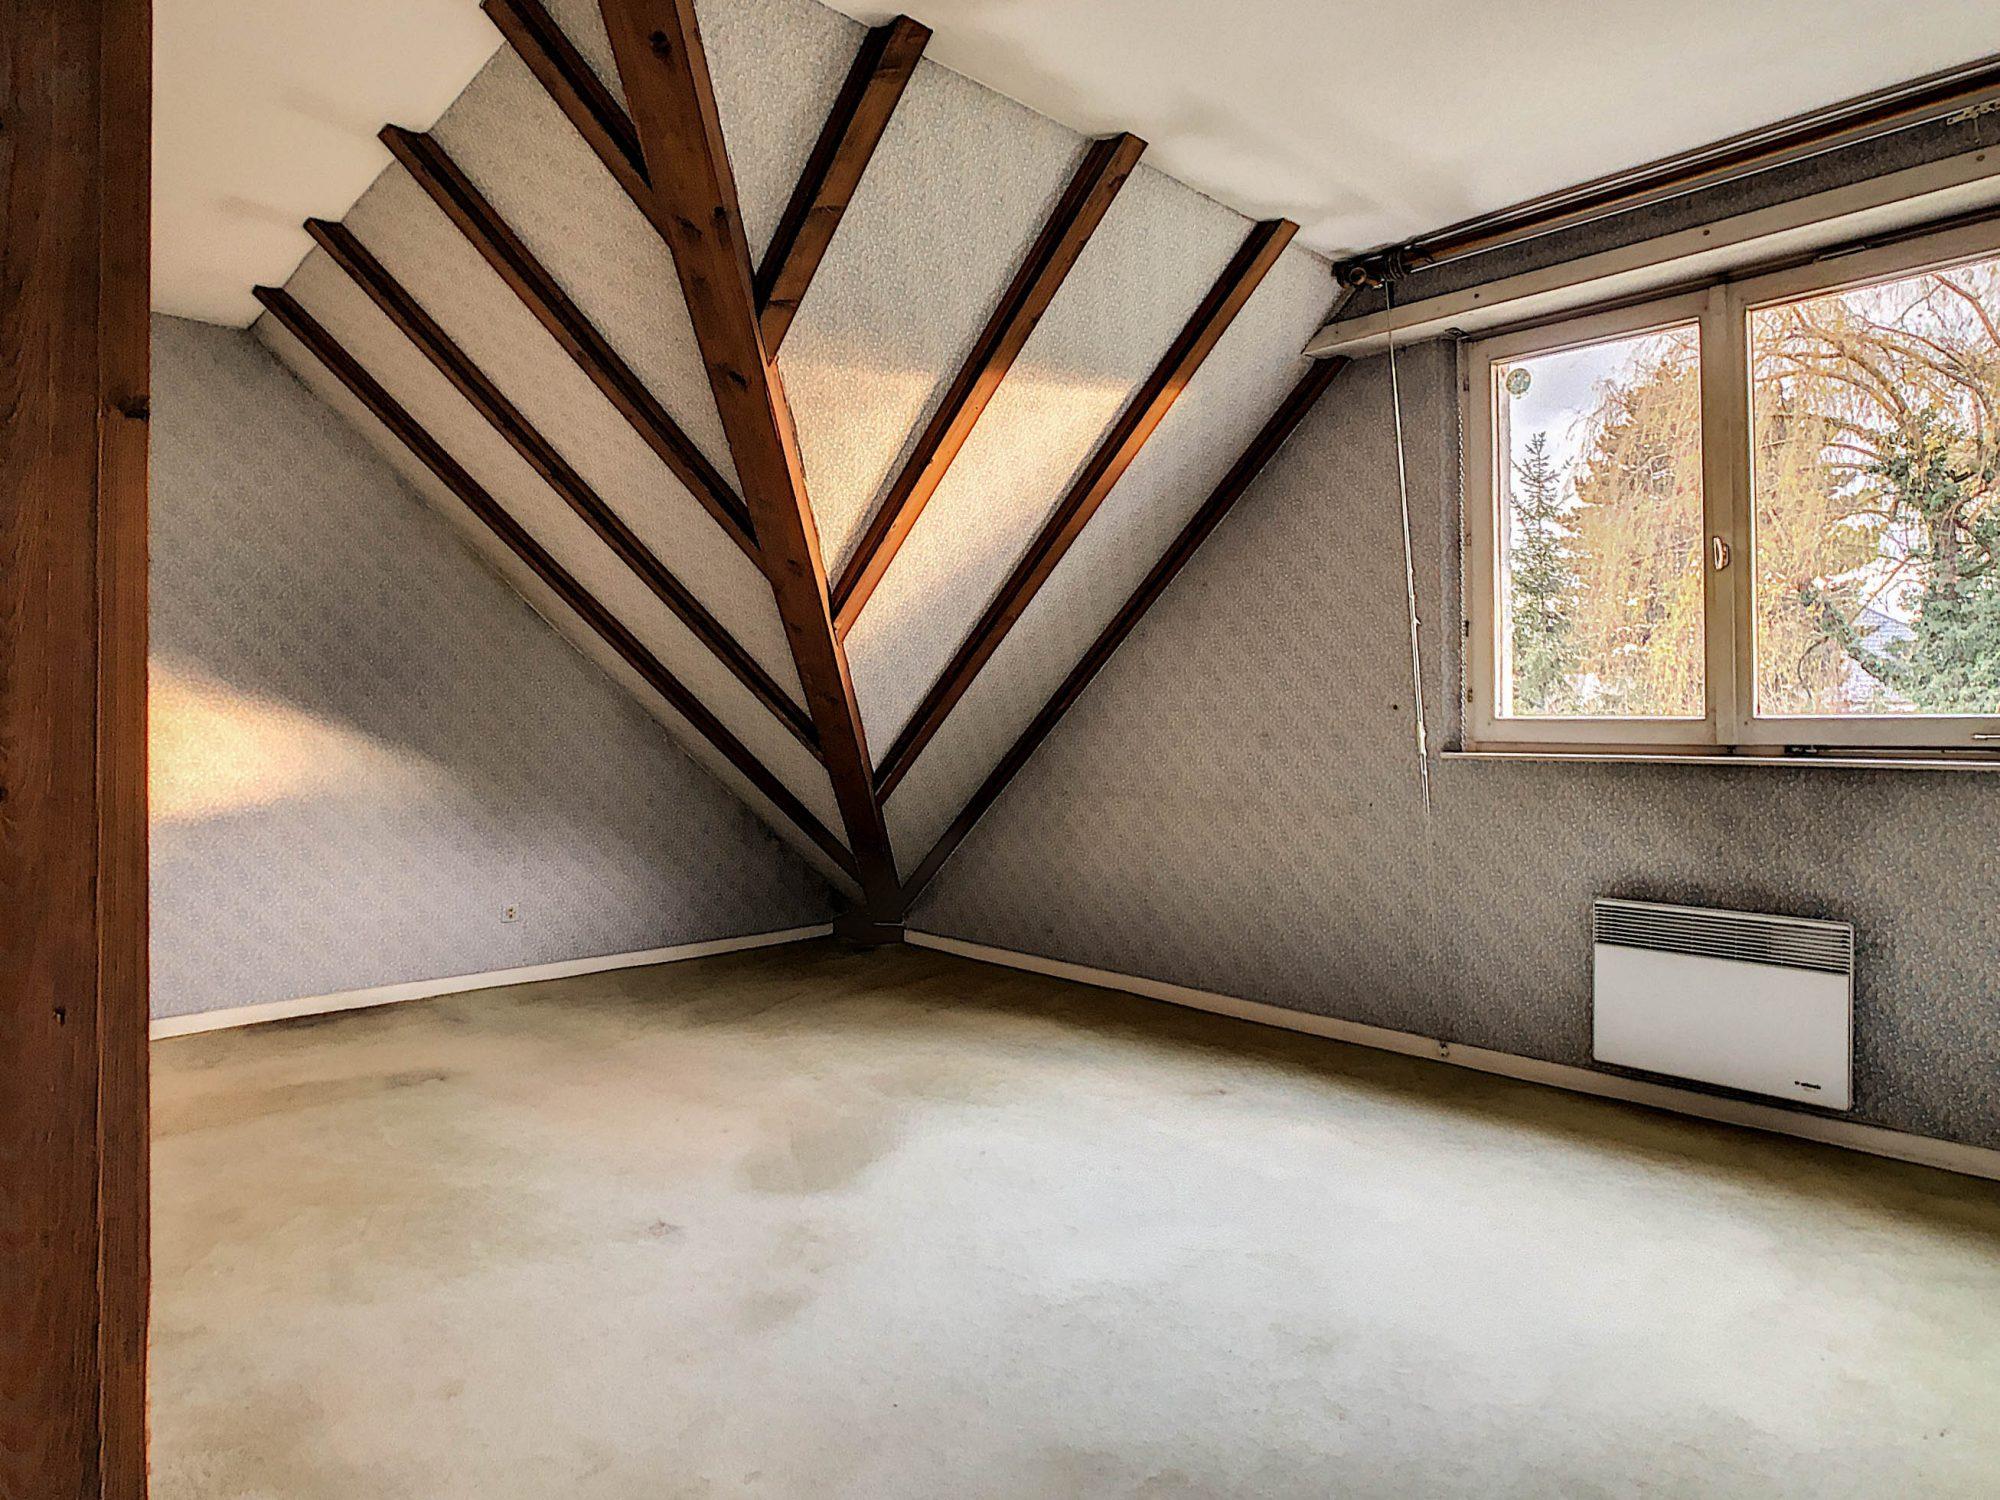 Maison individuelle 8 pièces de 250m2 à Illkirch-Graffenstaden - Devenez propriétaire en toute confiance - Bintz Immobilier - 20